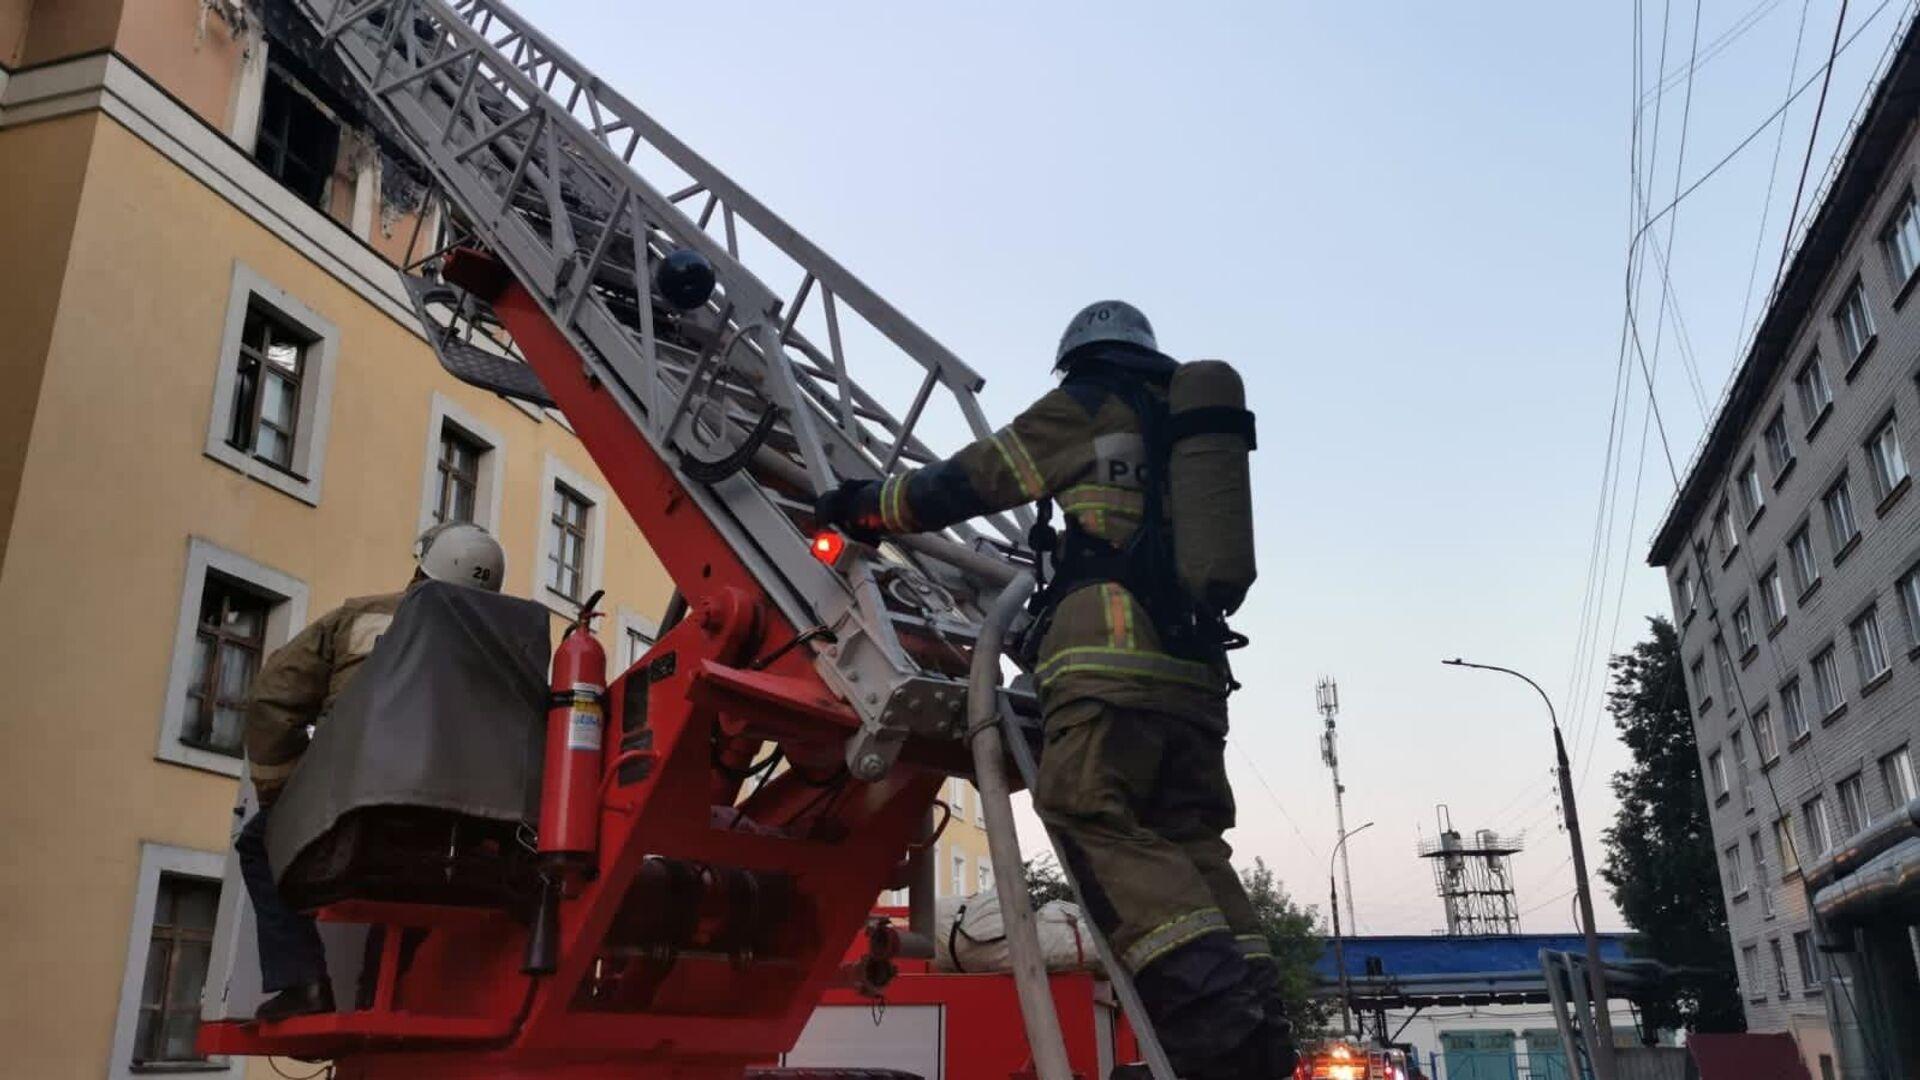 Пожаре в общежитии медуниверситета в Нижнем Новгороде - РИА Новости, 1920, 31.07.2021